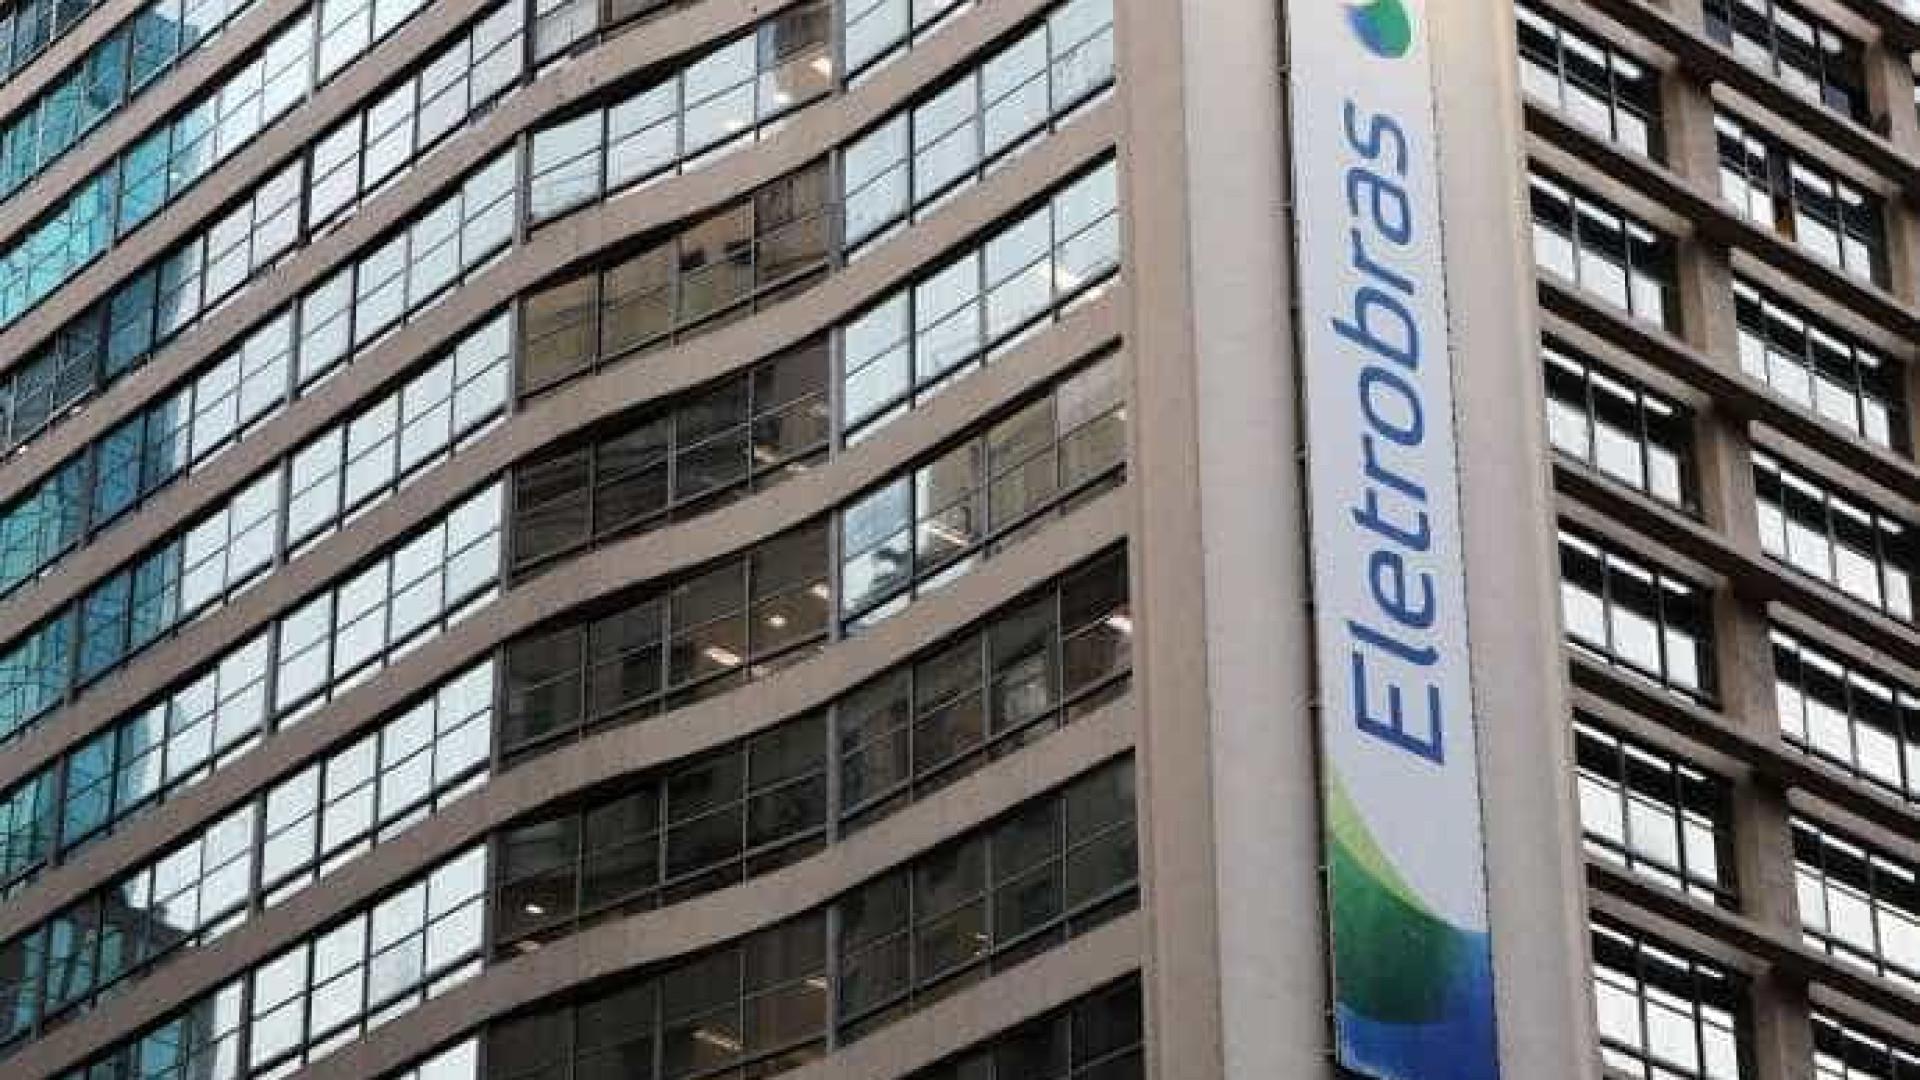 Câmara vai analisar venda da Eletrobras na próxima terça-feira